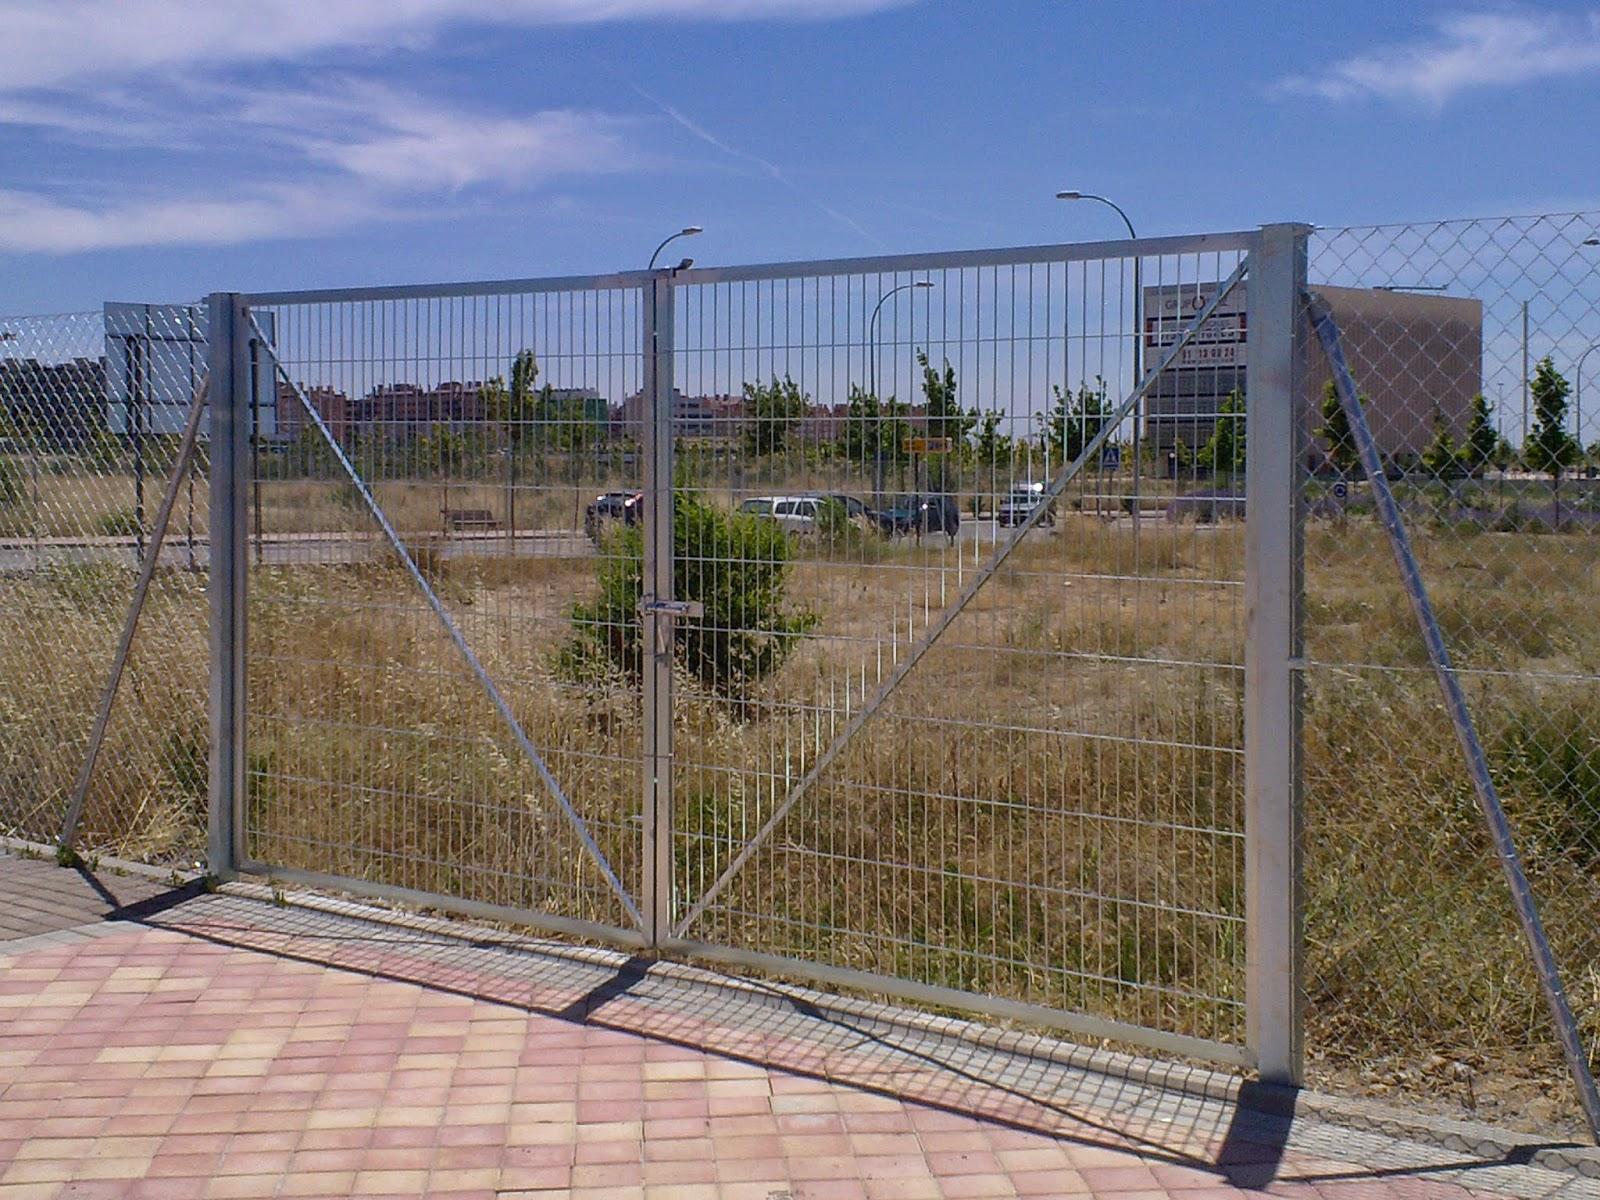 puerta metlica formada con mallazo electrosoldado pilares de 60 por 60 dos hojas perfil de pds fino cerrojos para su cierre - Vallas Metalicas Baratas